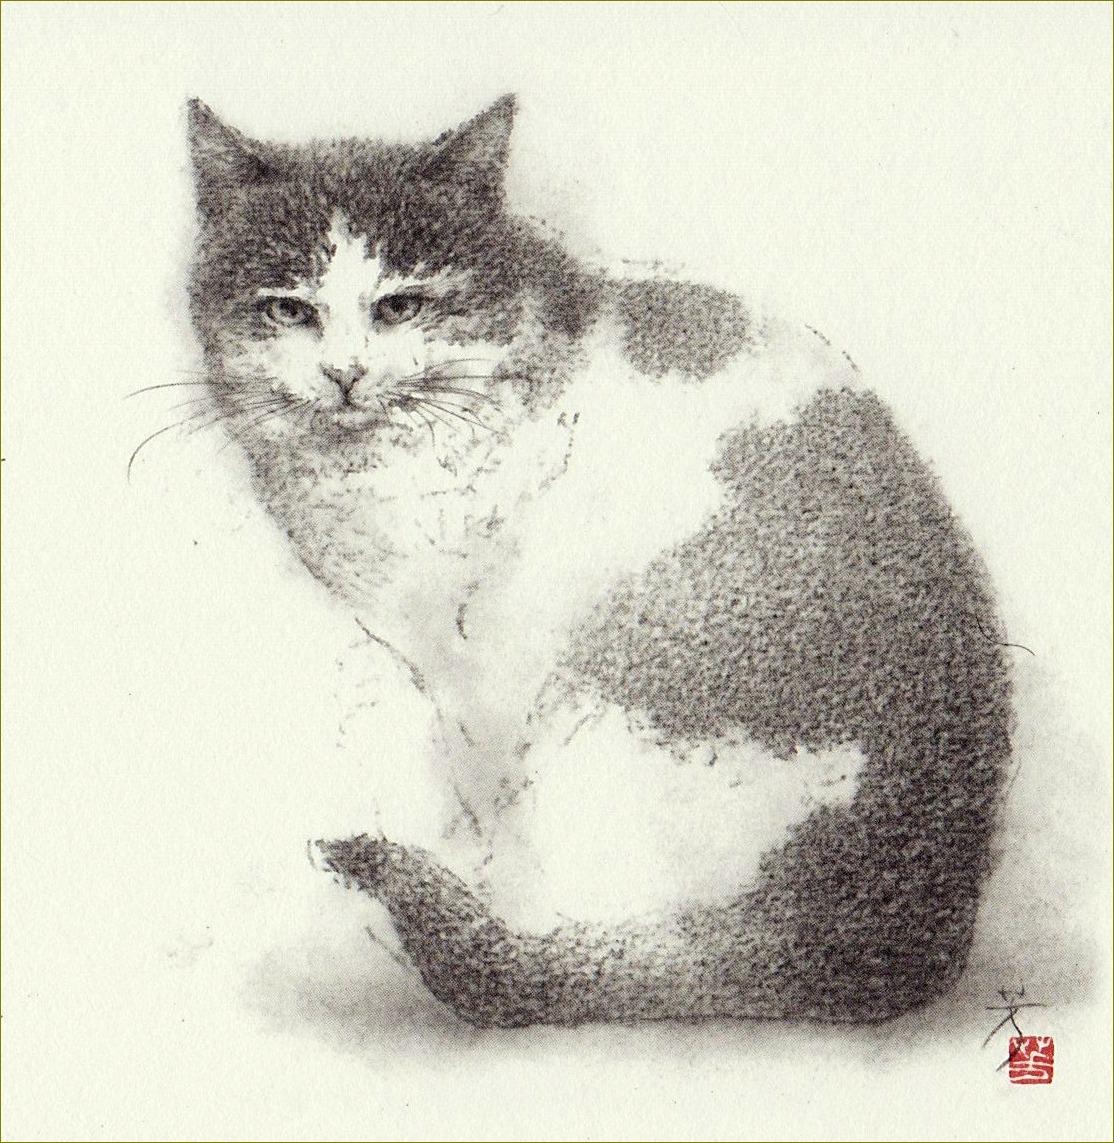 《 『にゃんご』 の肖像 》 _f0159856_7235462.jpg